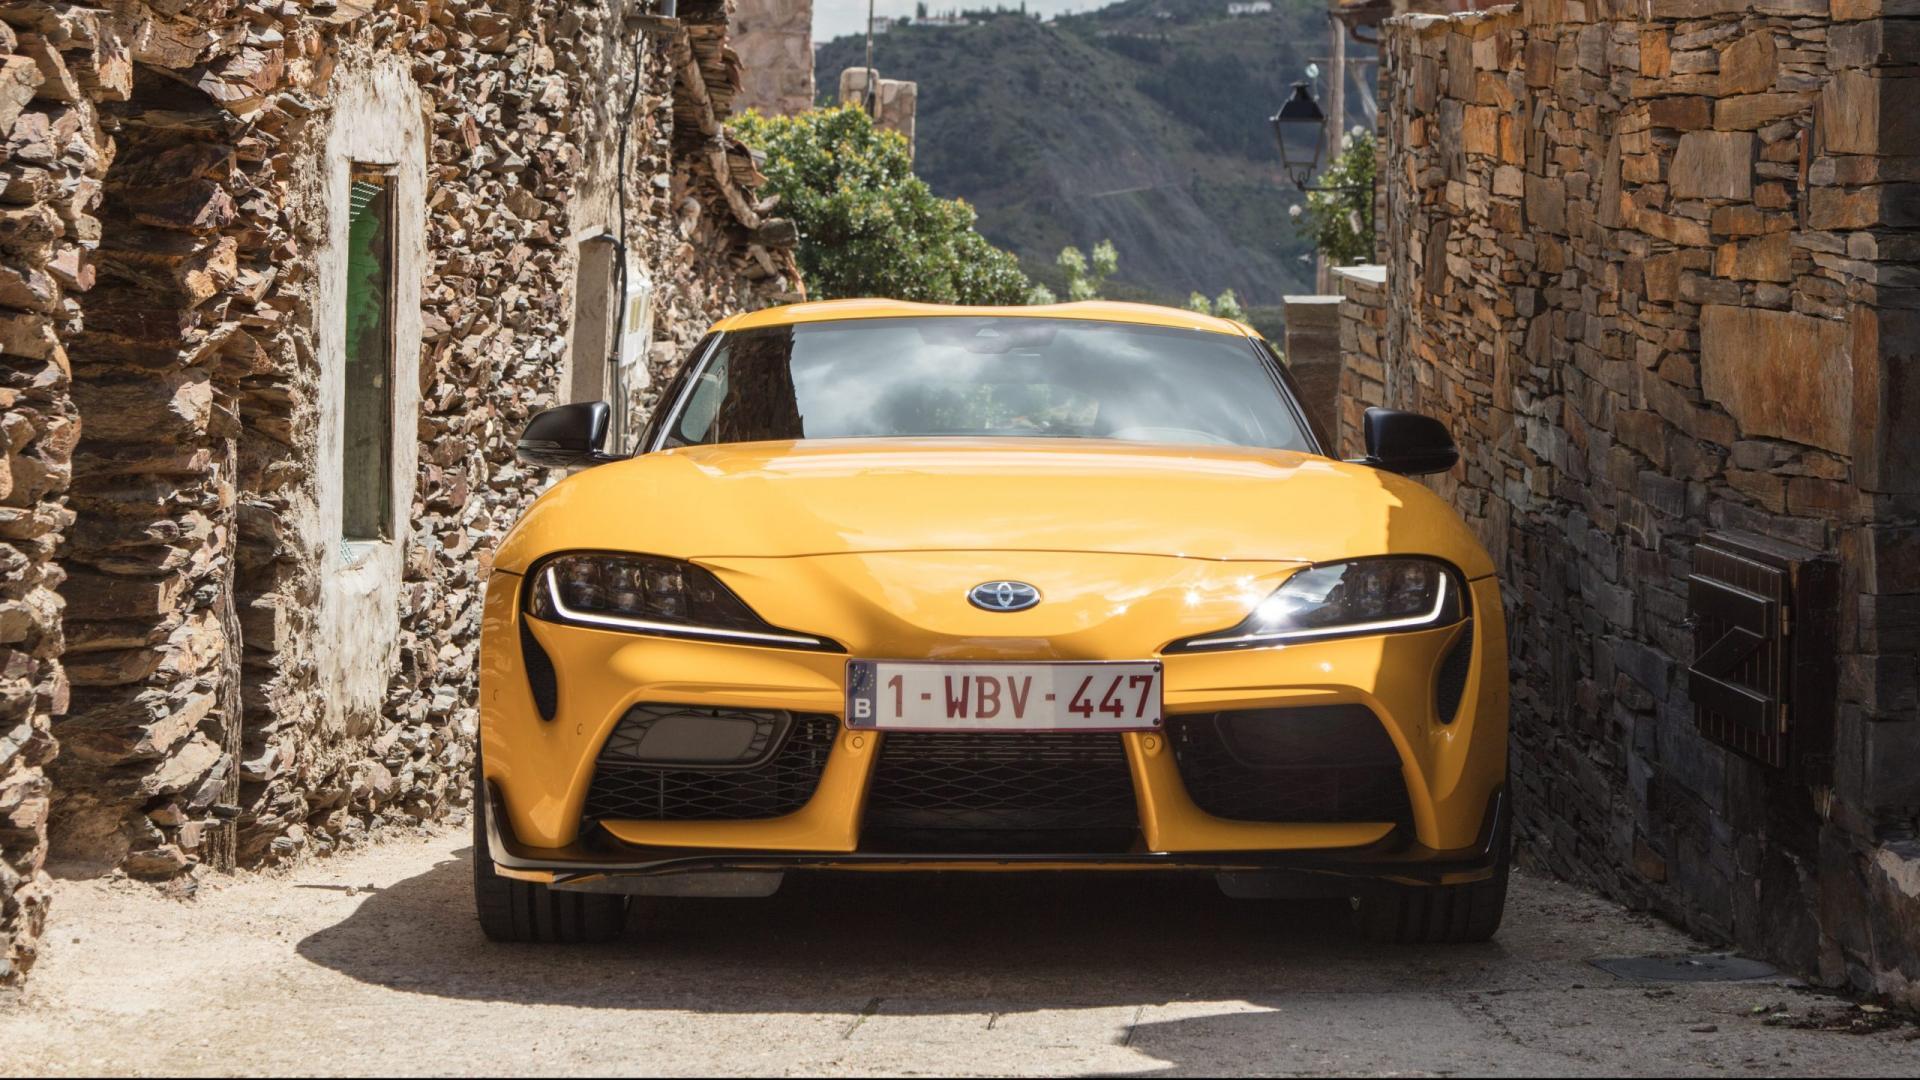 Toyota Supra A90 Geel krappe straat / steeg